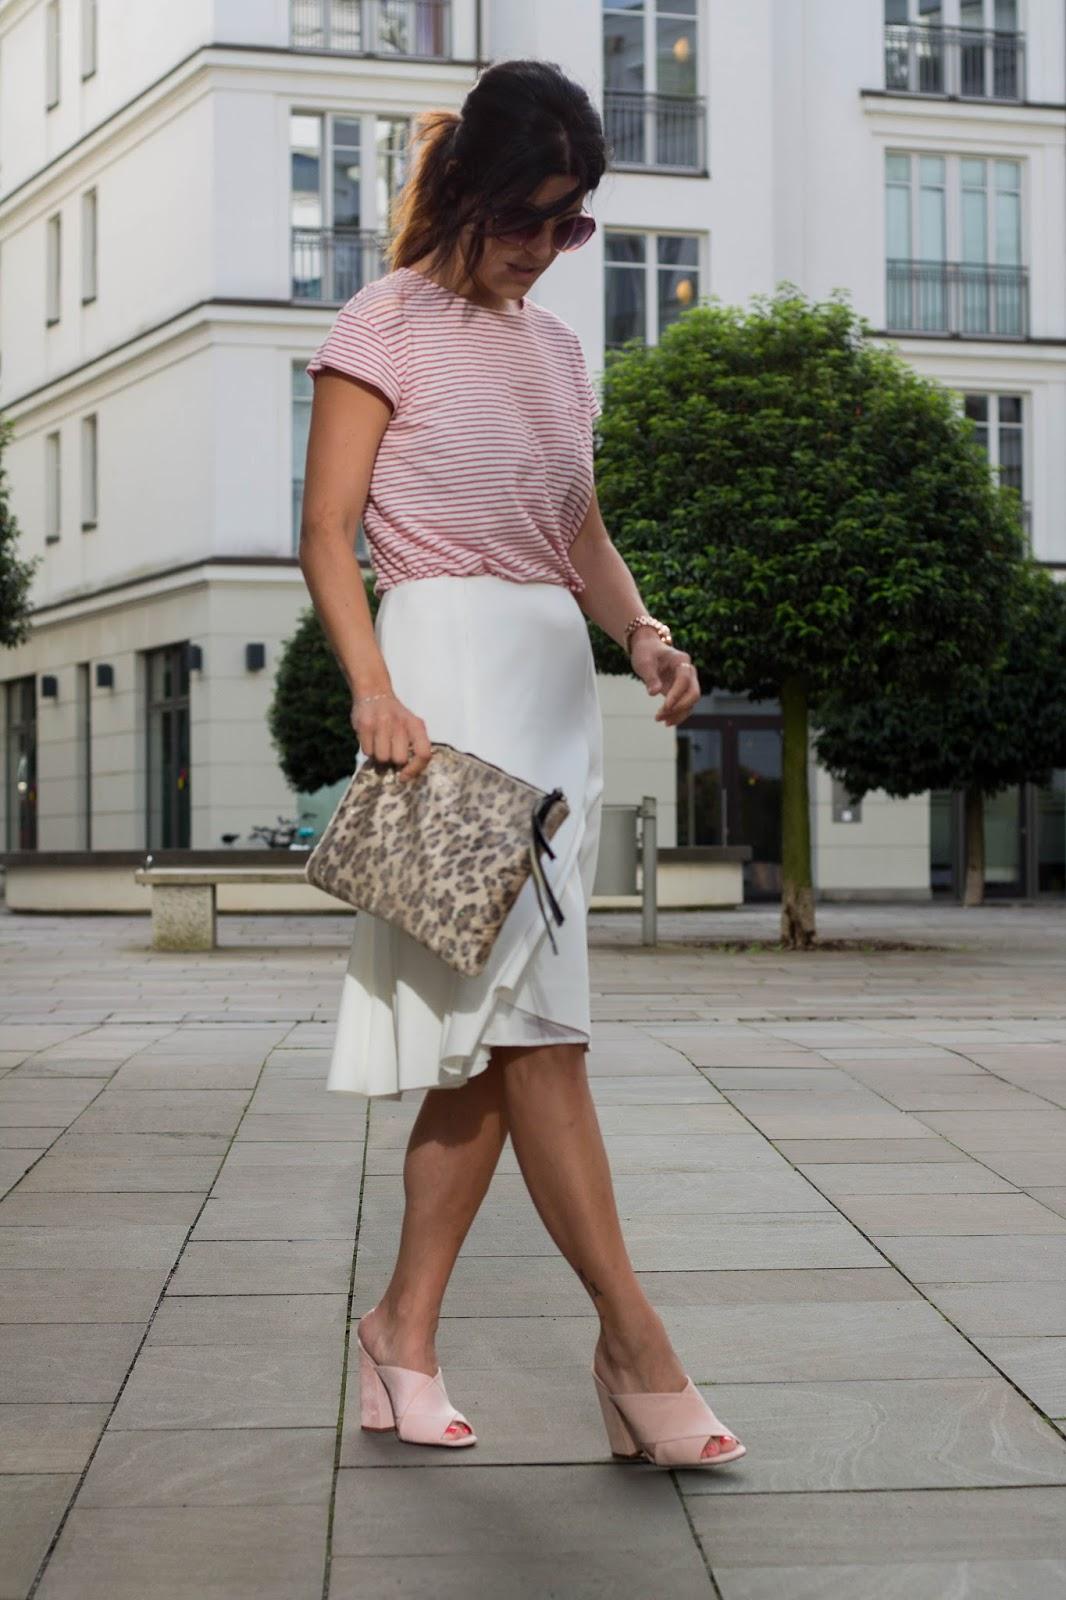 http://fashionavenueabc.blogspot.de/2016/08/mules-shoes.html